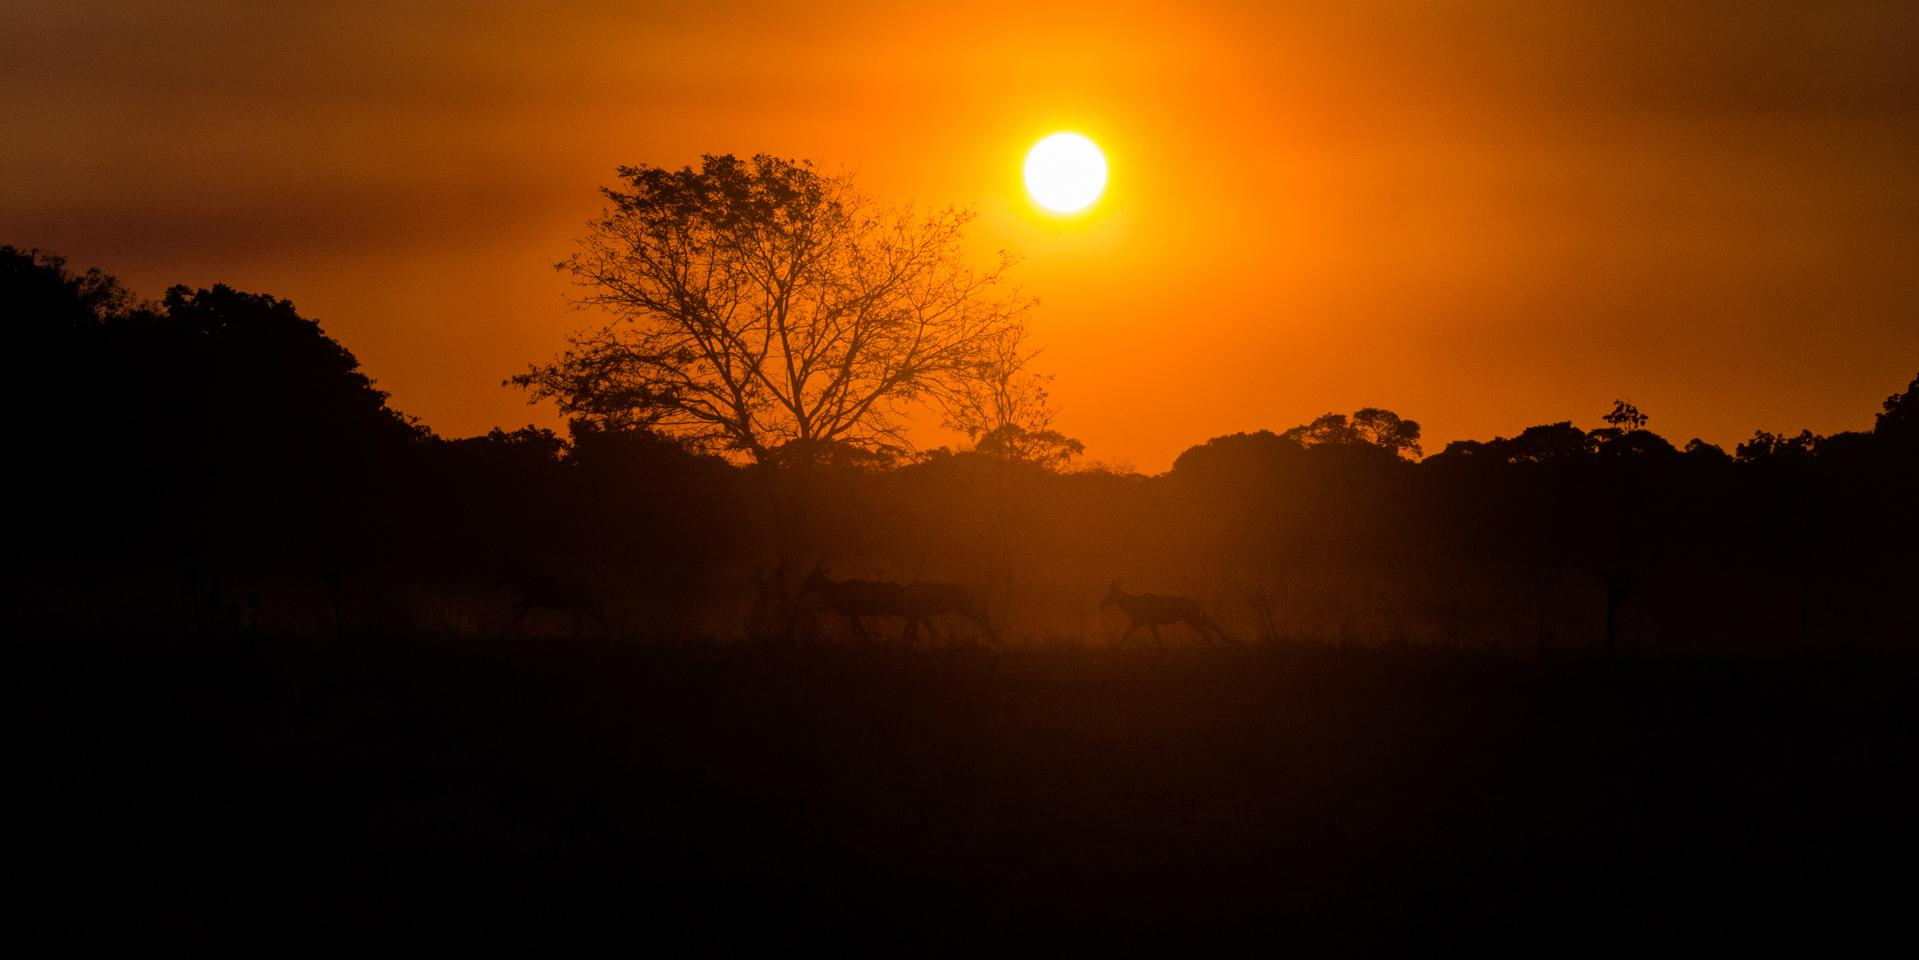 zambia tourism